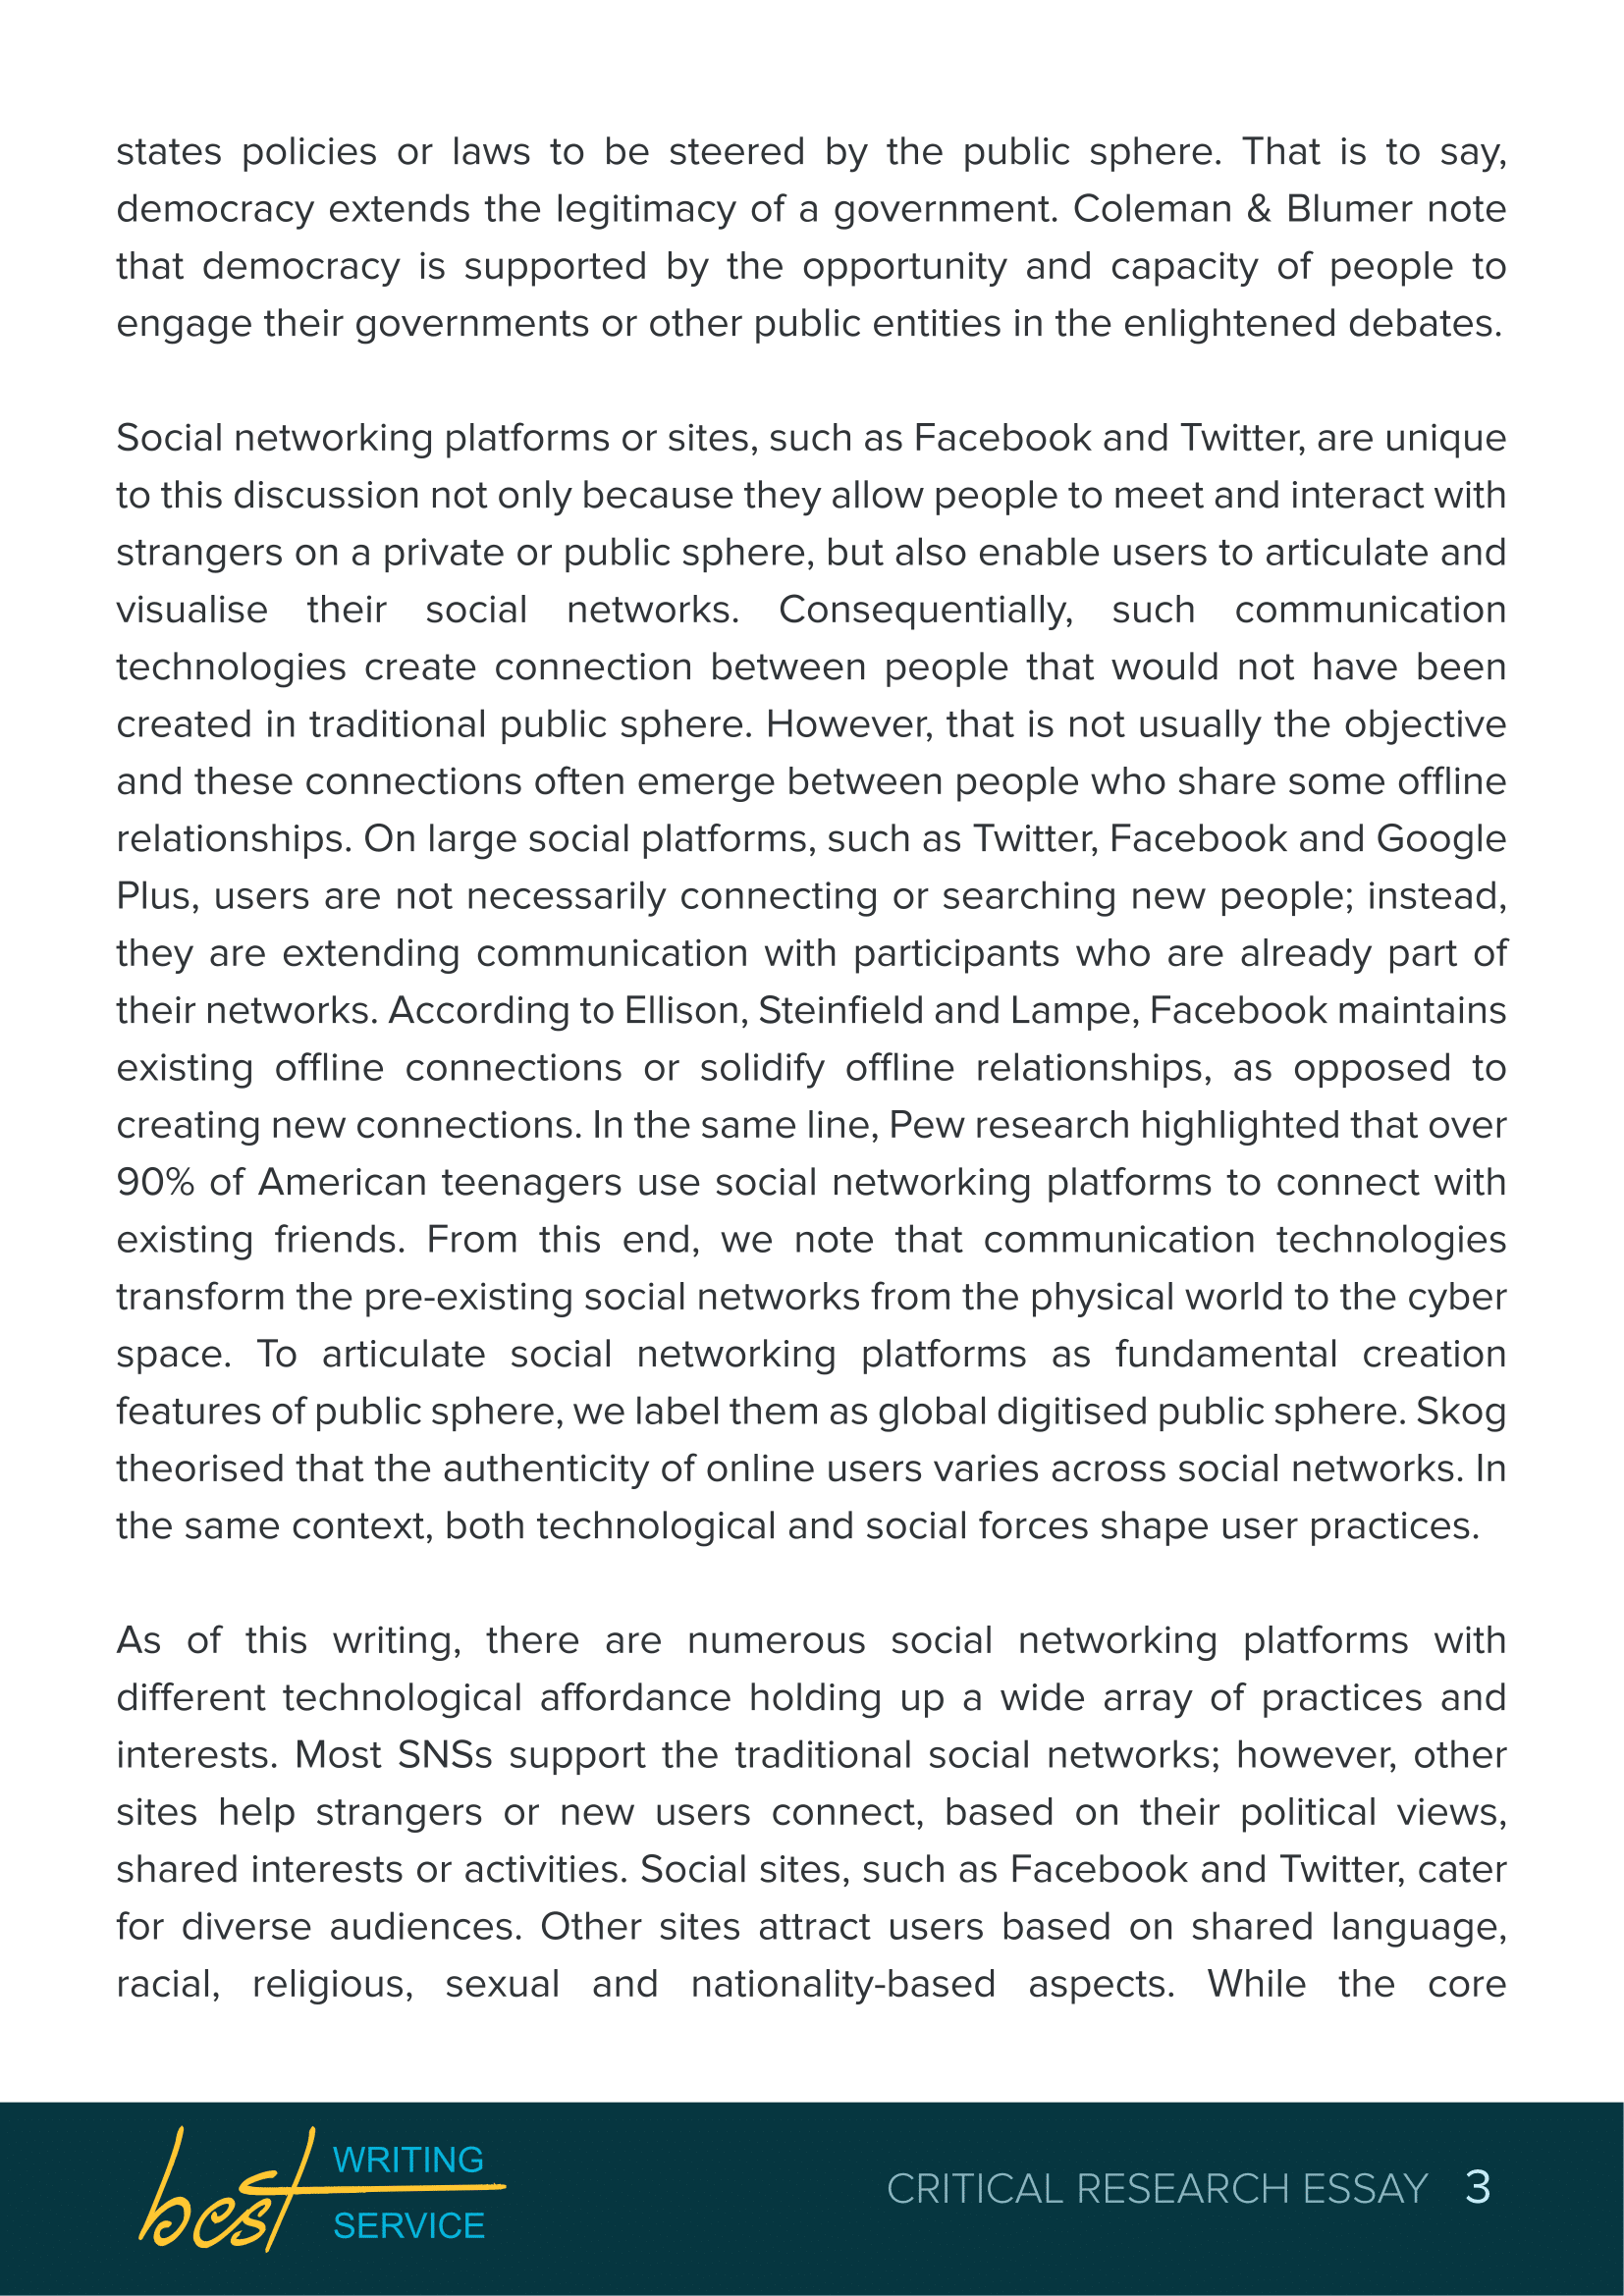 A critique essay